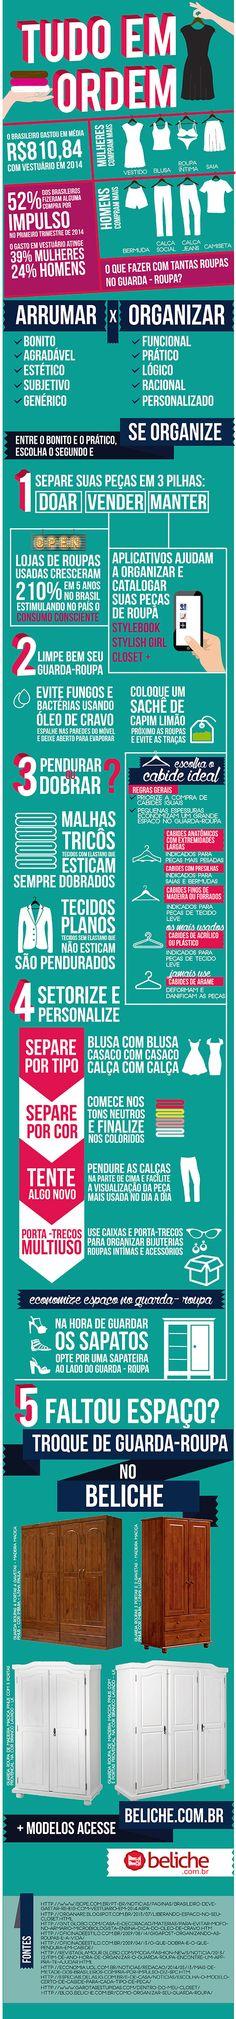 Como organizar seu guarda-roupa? esse infográfico te dá dicas e sugestões do…